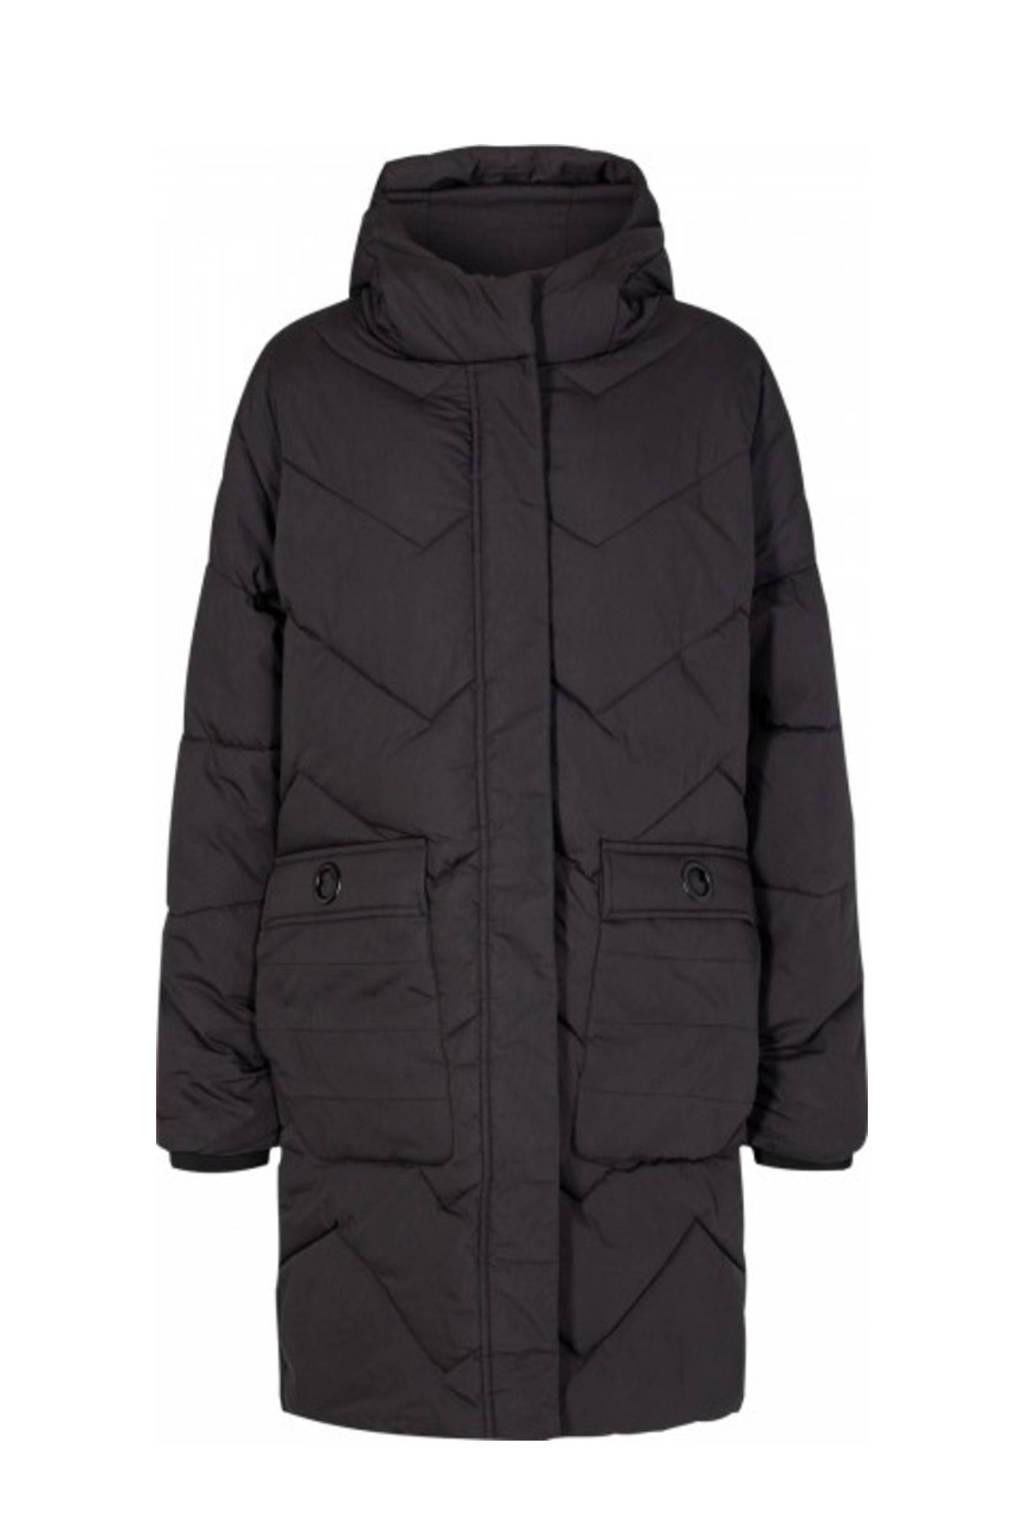 Soyaconcept gewatteerde jas SC-MILKA 2 zwart, Zwart